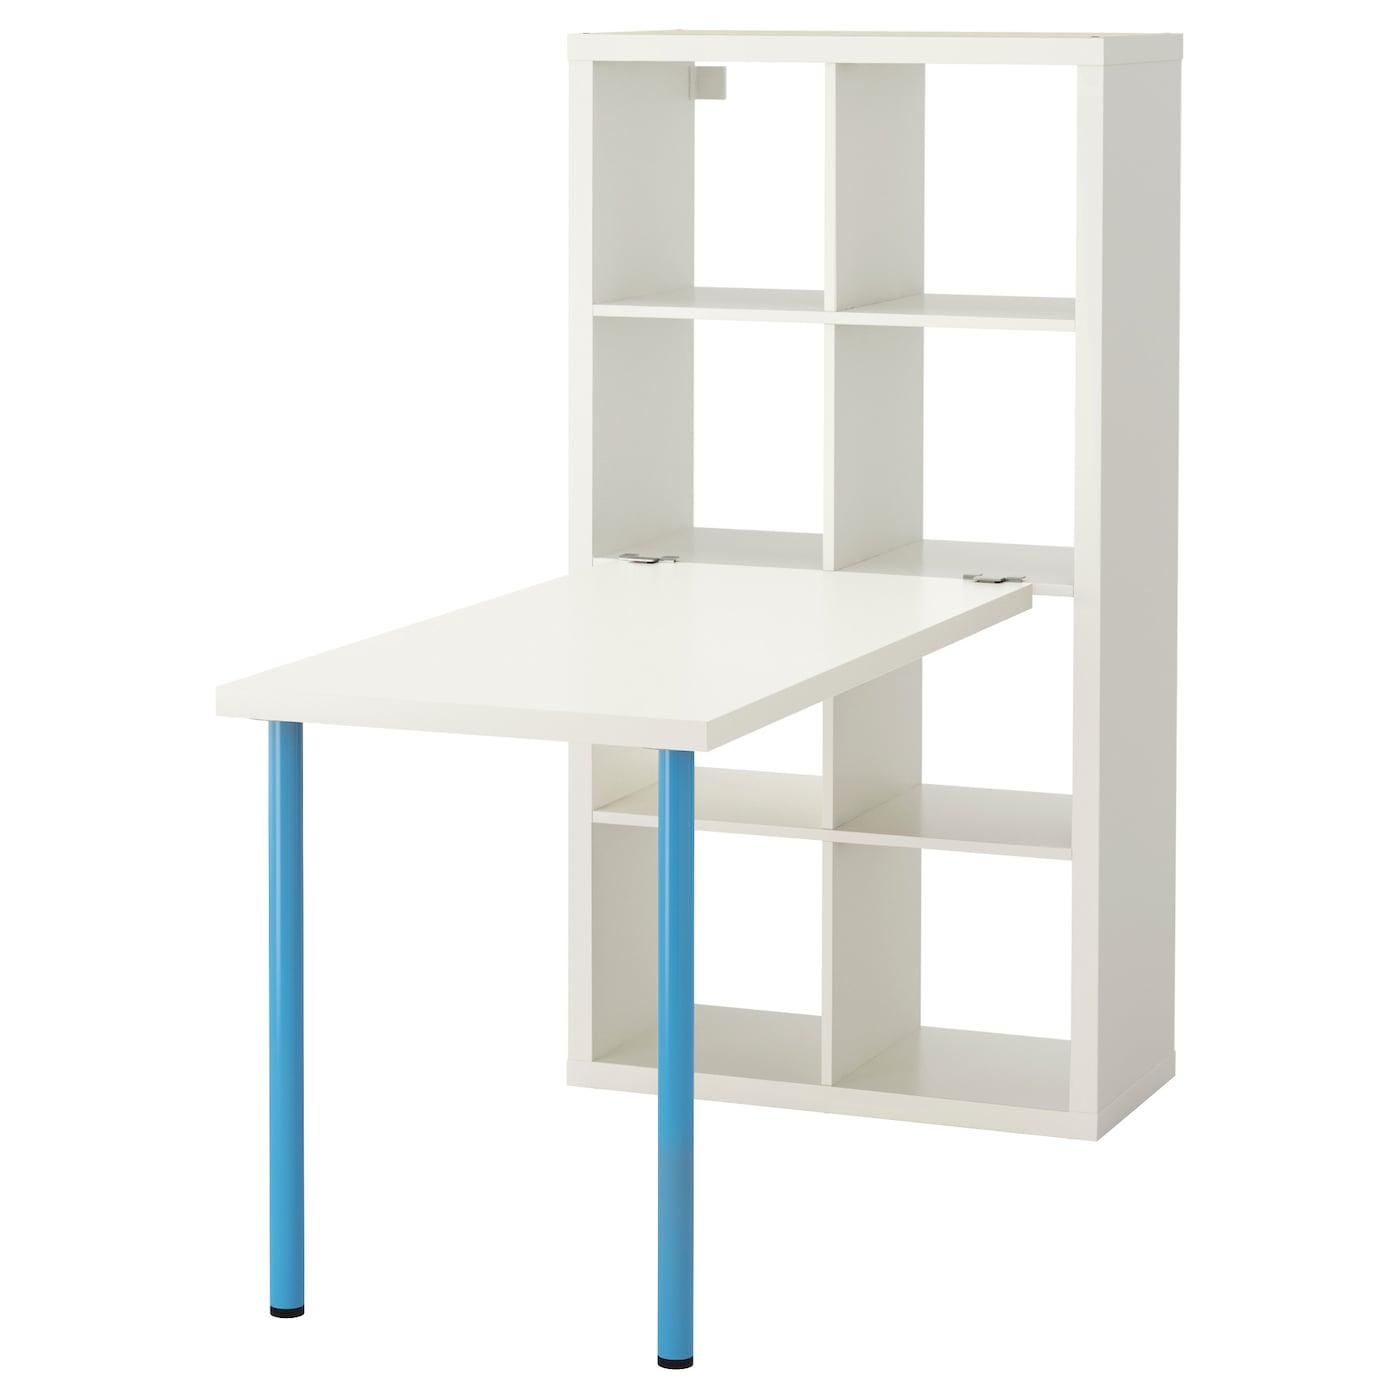 KALLAX Schreibtischkombination - weiß, blau - IKEA Schweiz